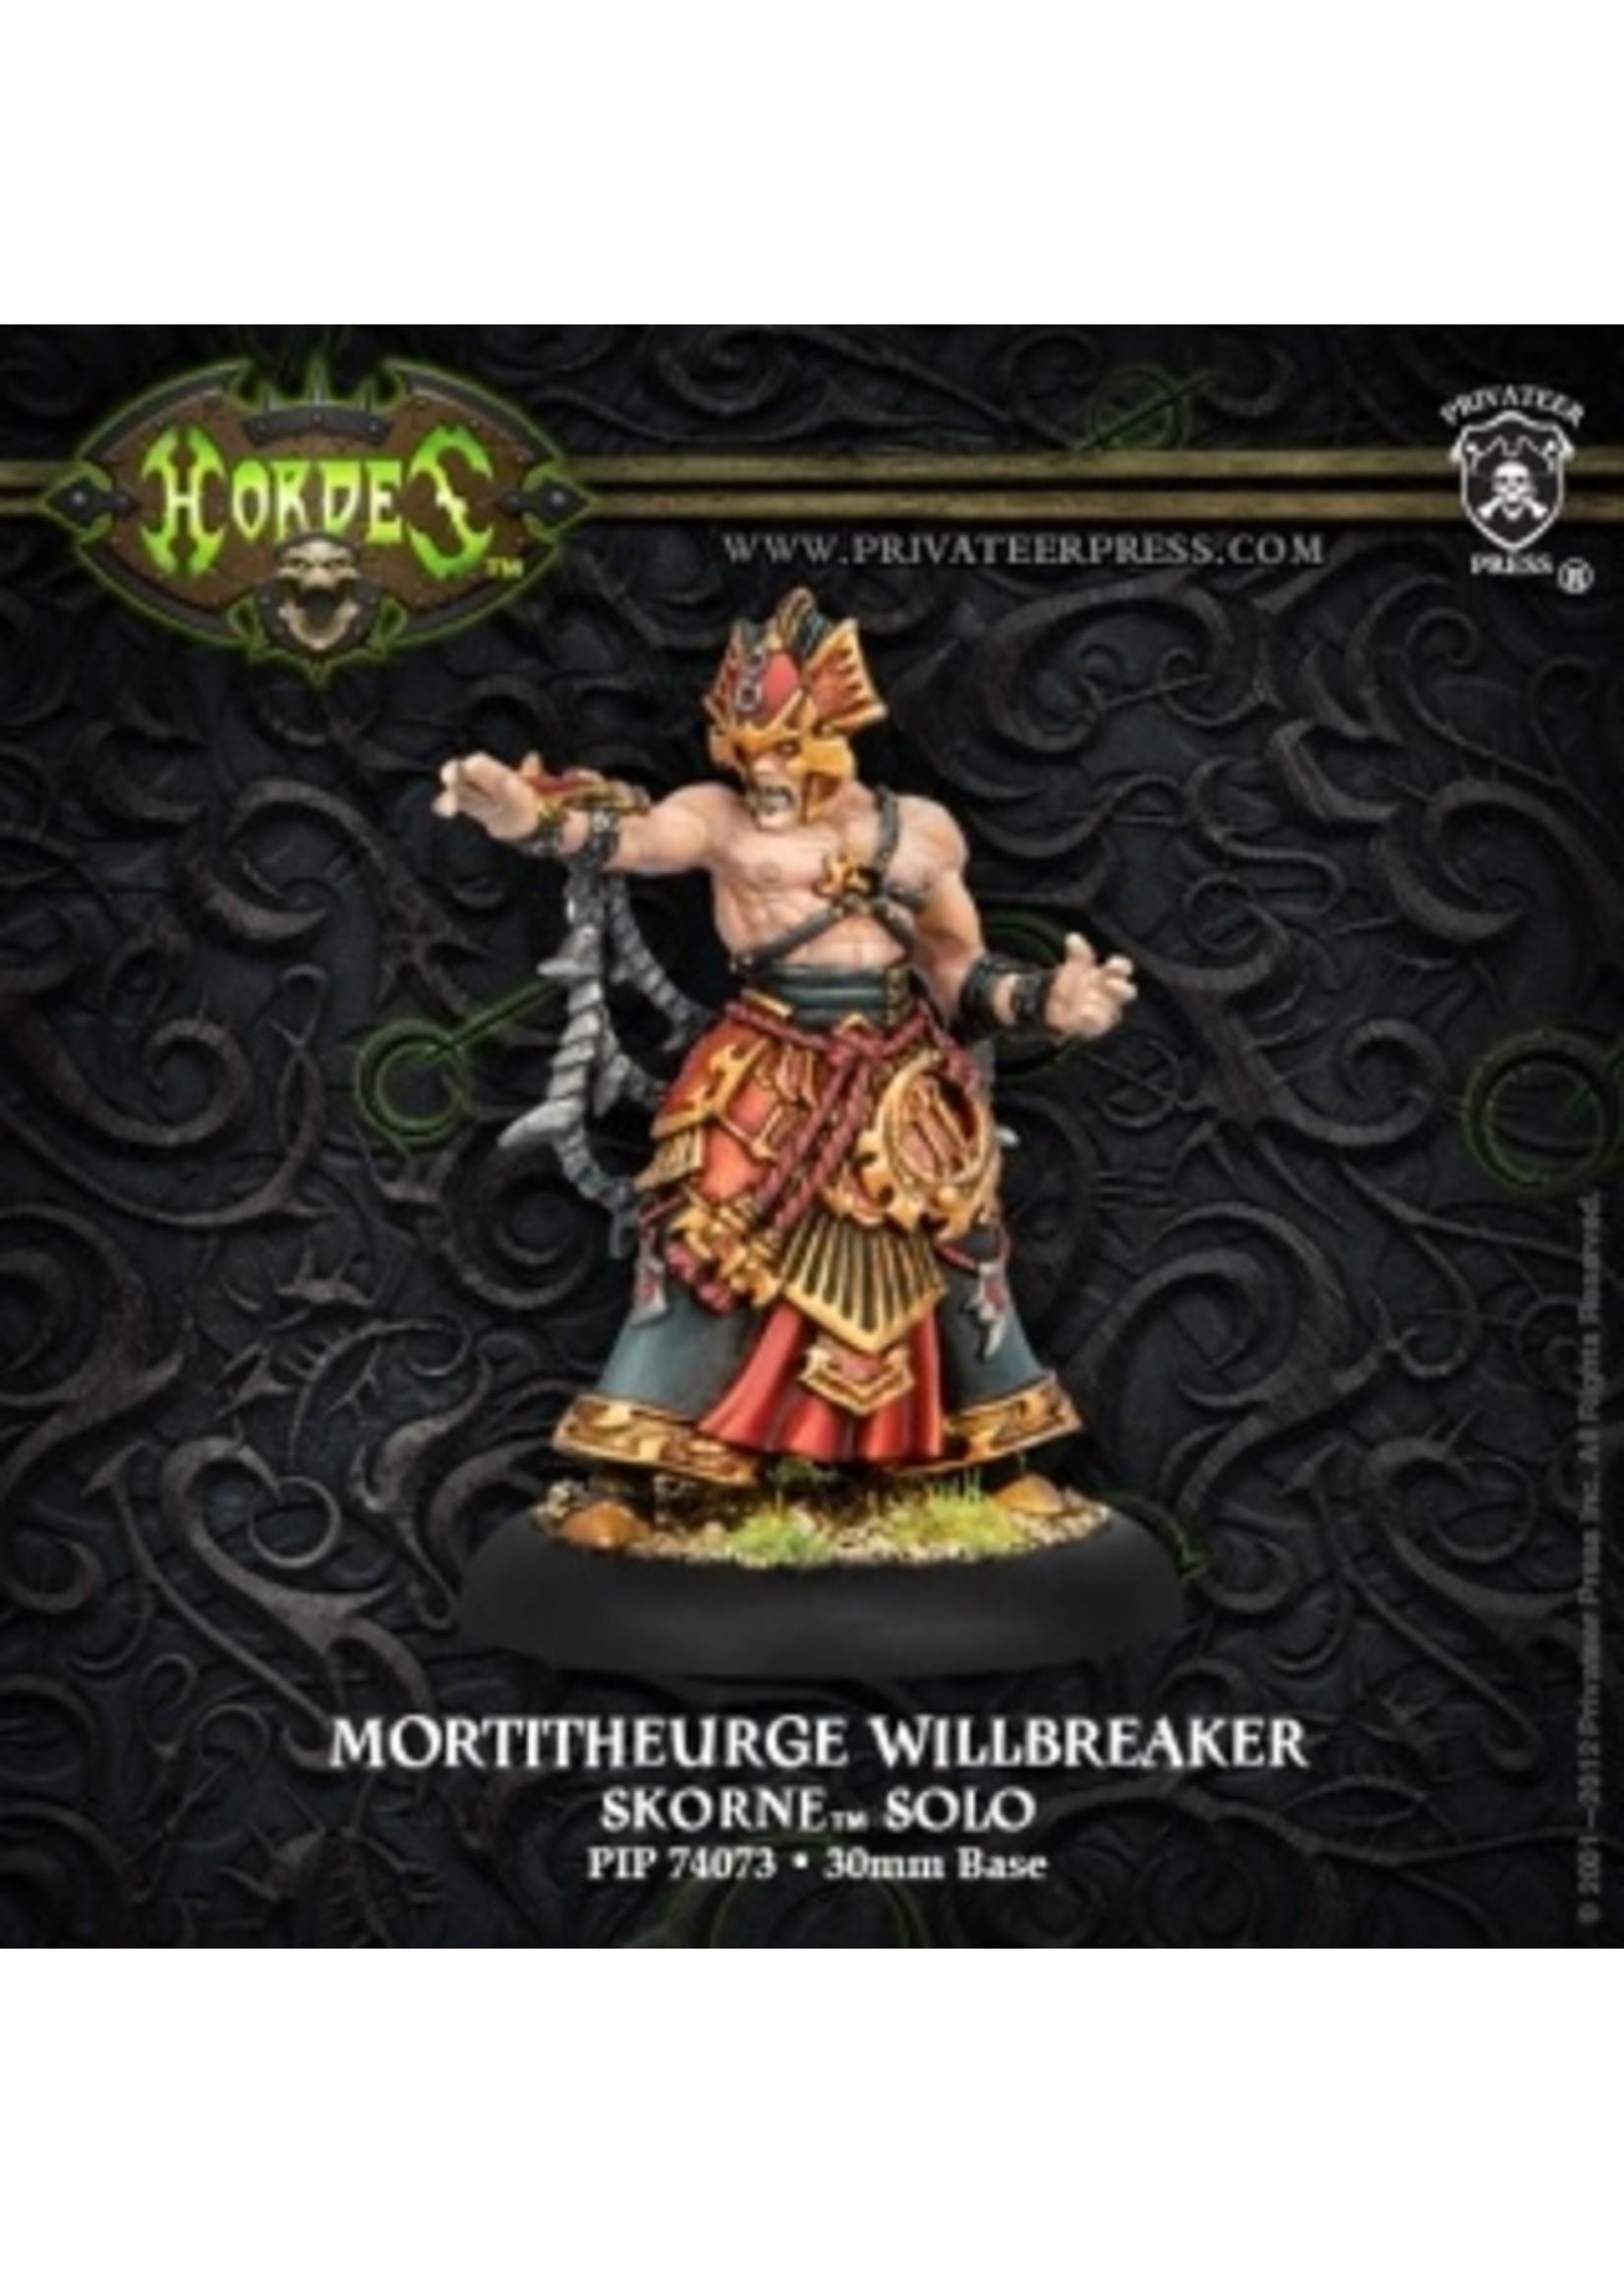 Hordes: Skorne Mortitheurge Willbreaker Solo (White Metal)